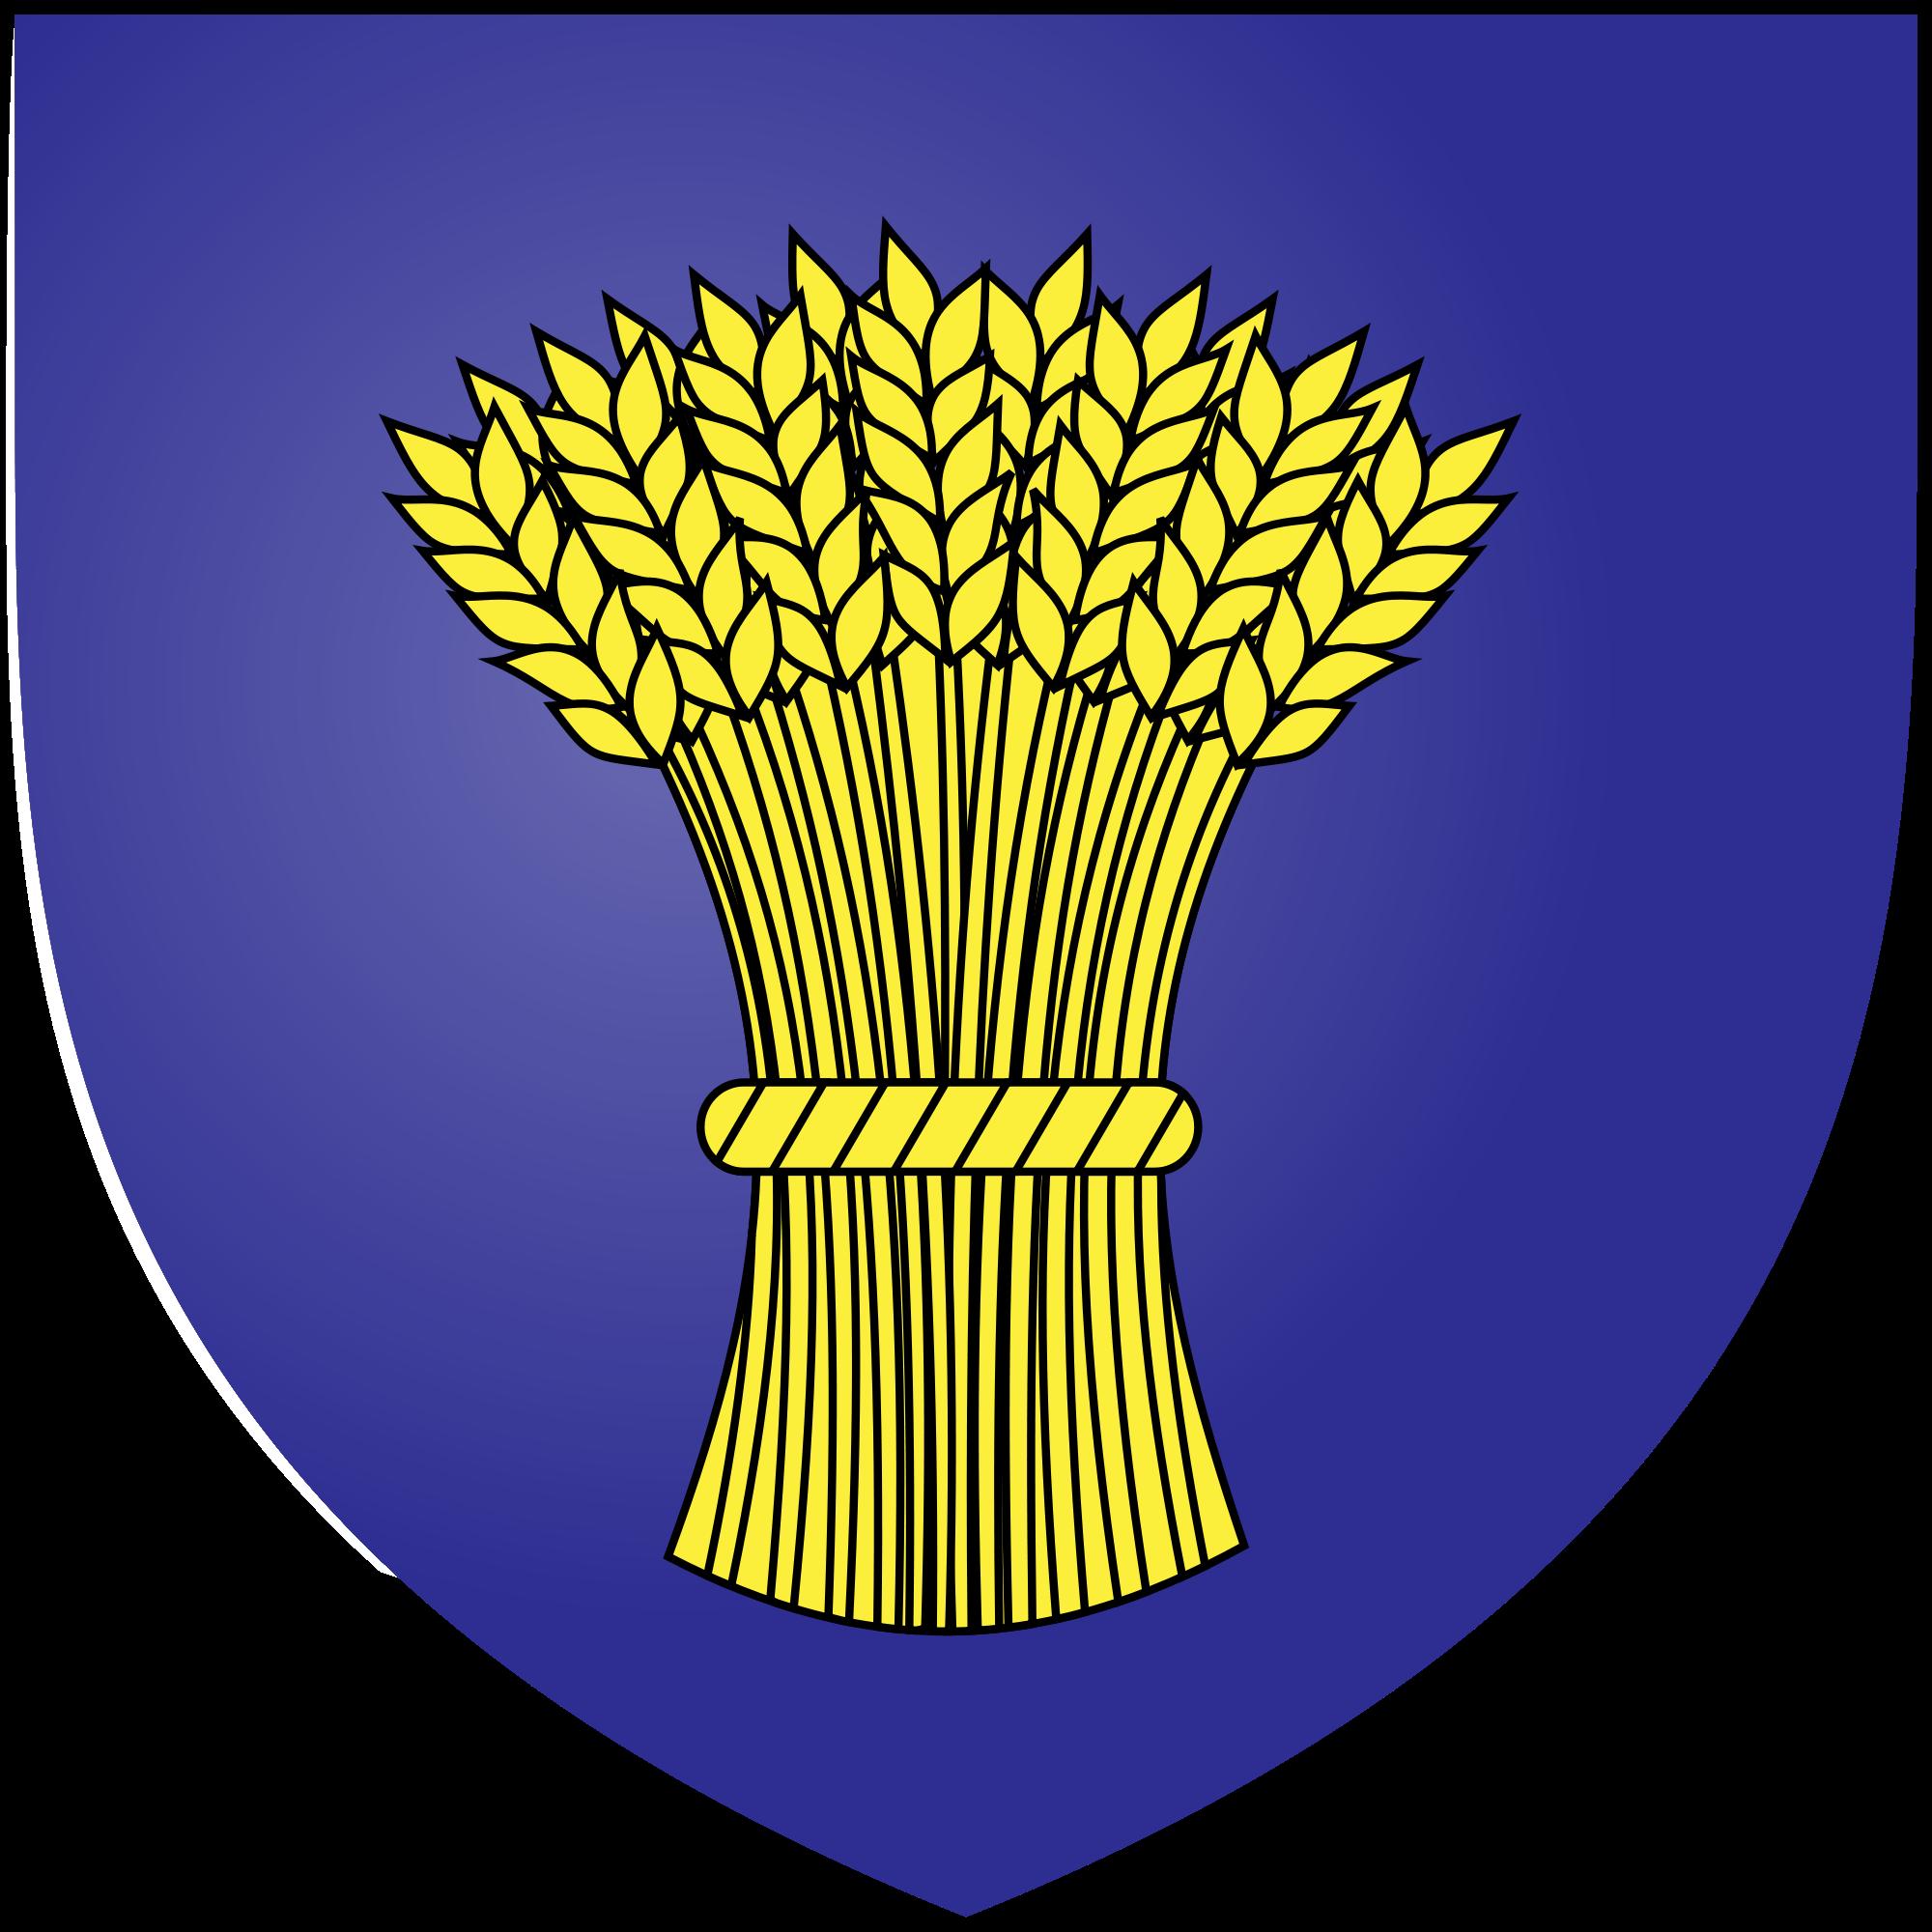 File azure a garb. Wheat clipart heraldic